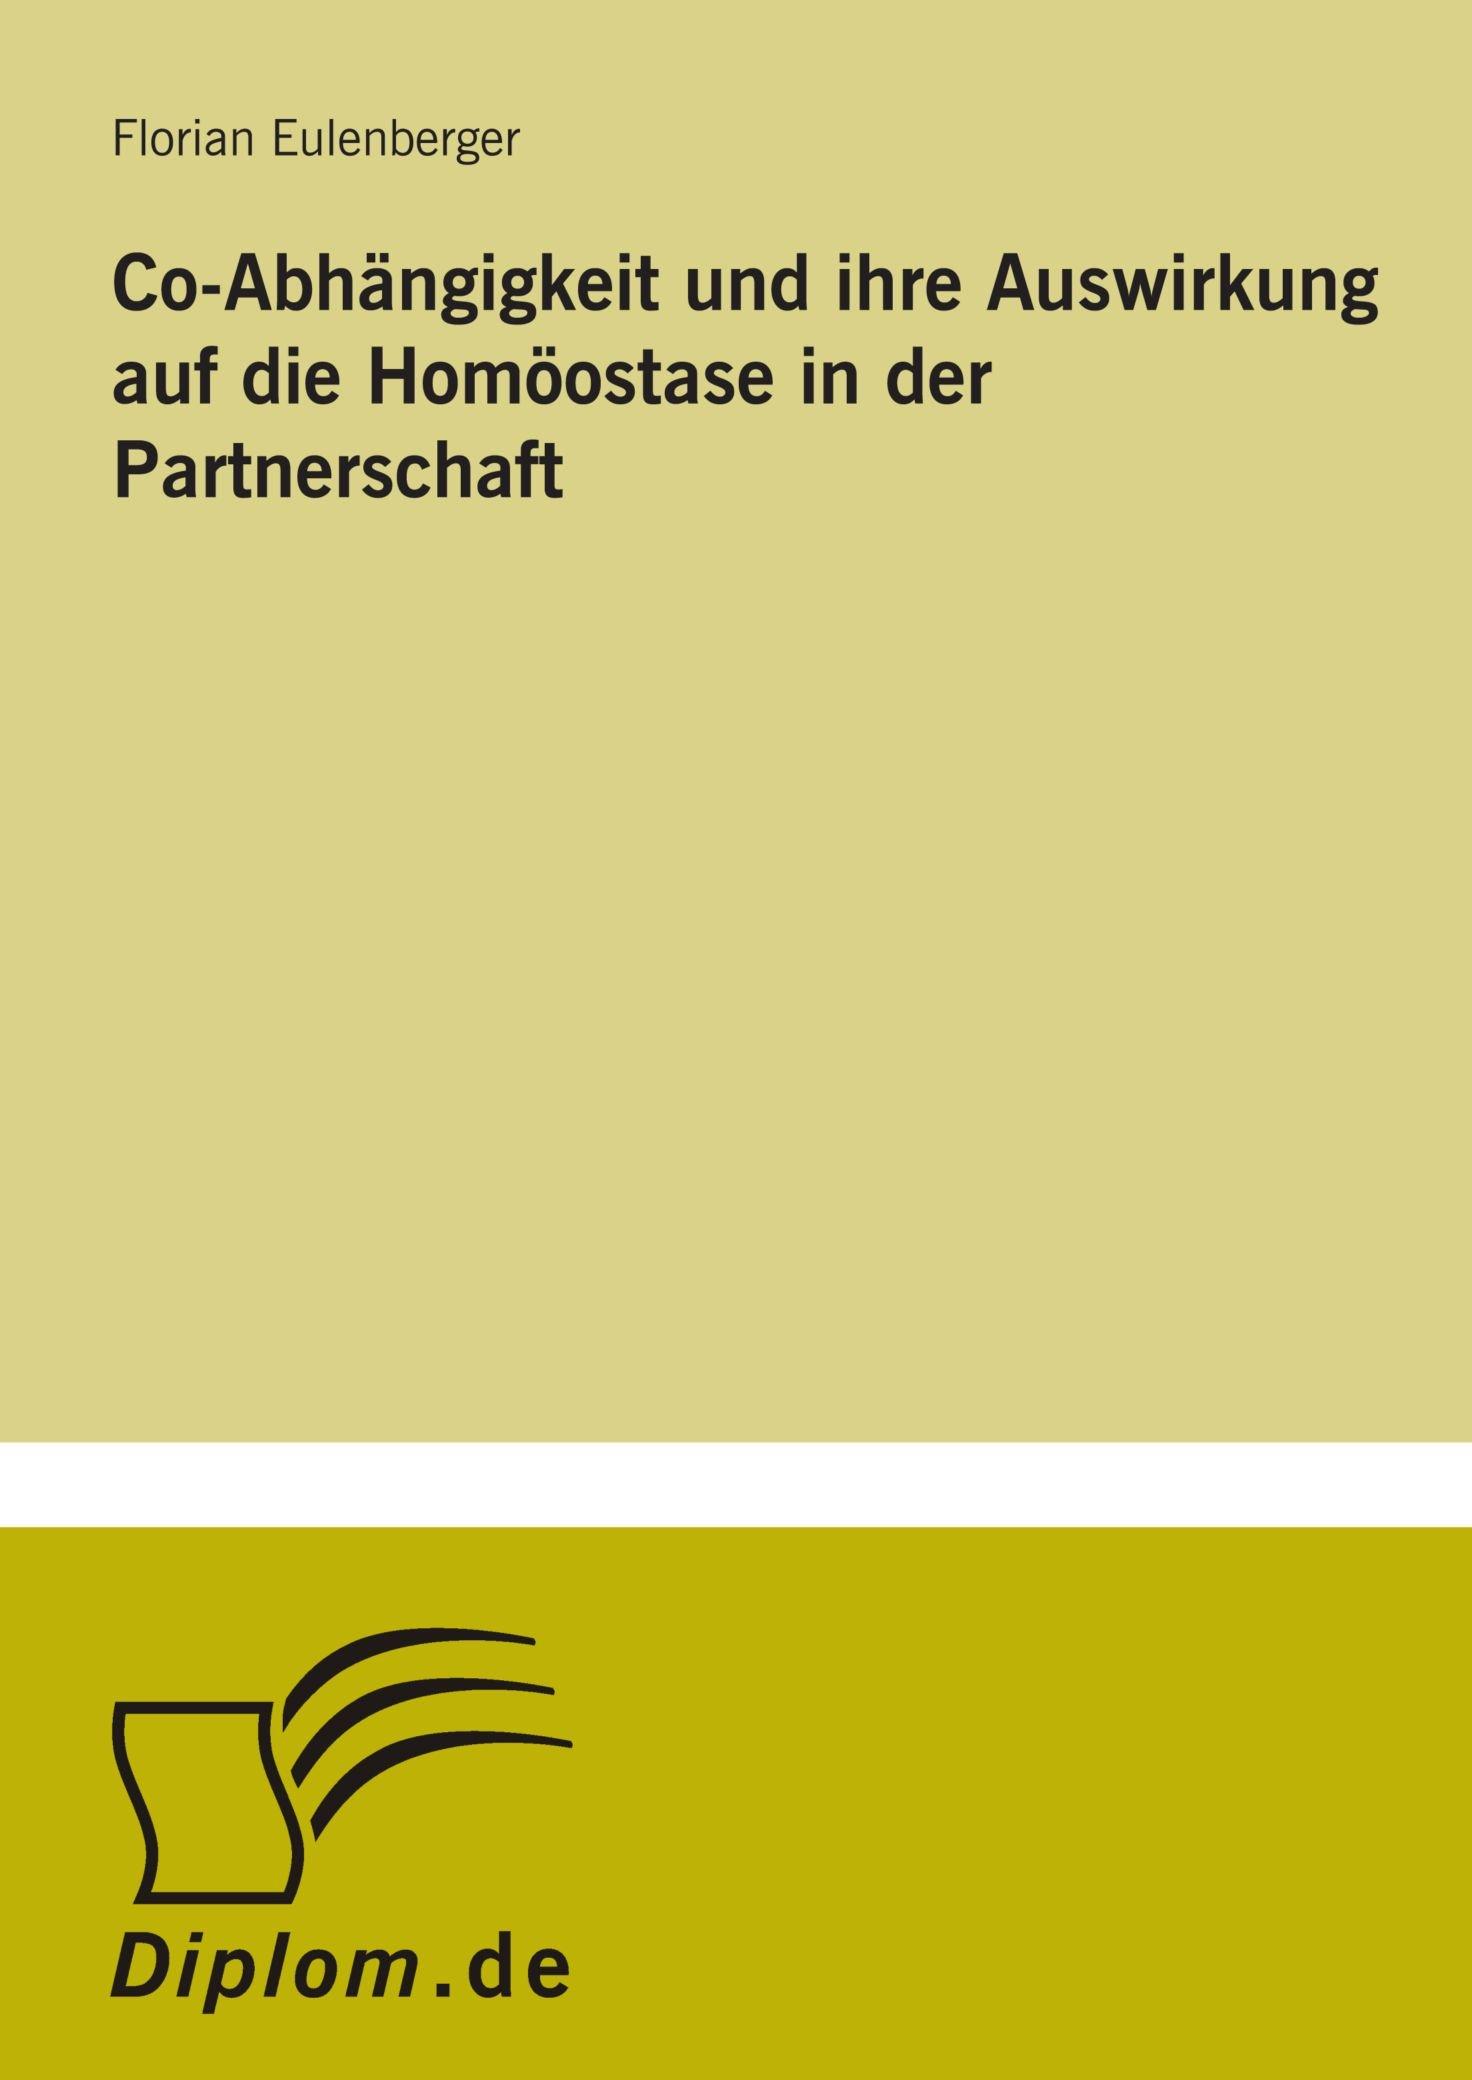 Charmant Bild Der Homöostase Bilder - Menschliche Anatomie Bilder ...